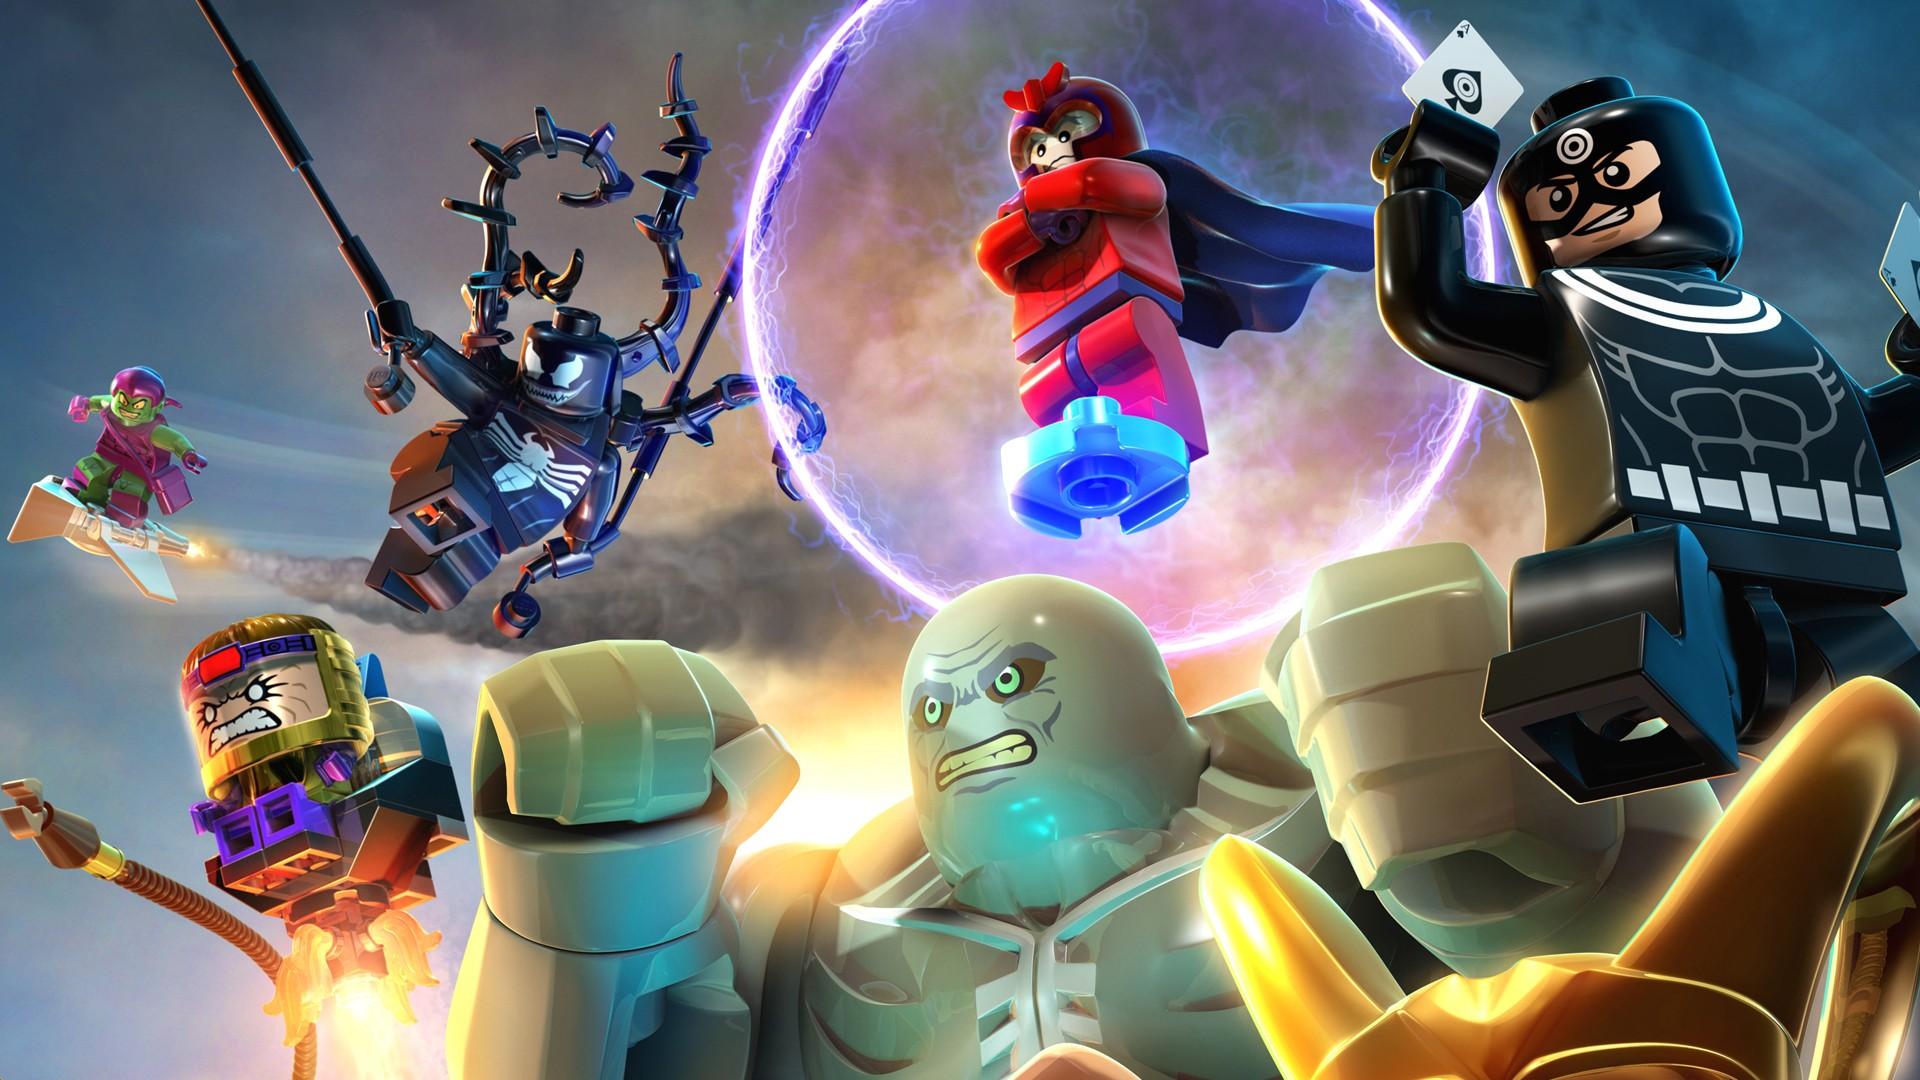 картинки лего персонажей из игры лего марвел